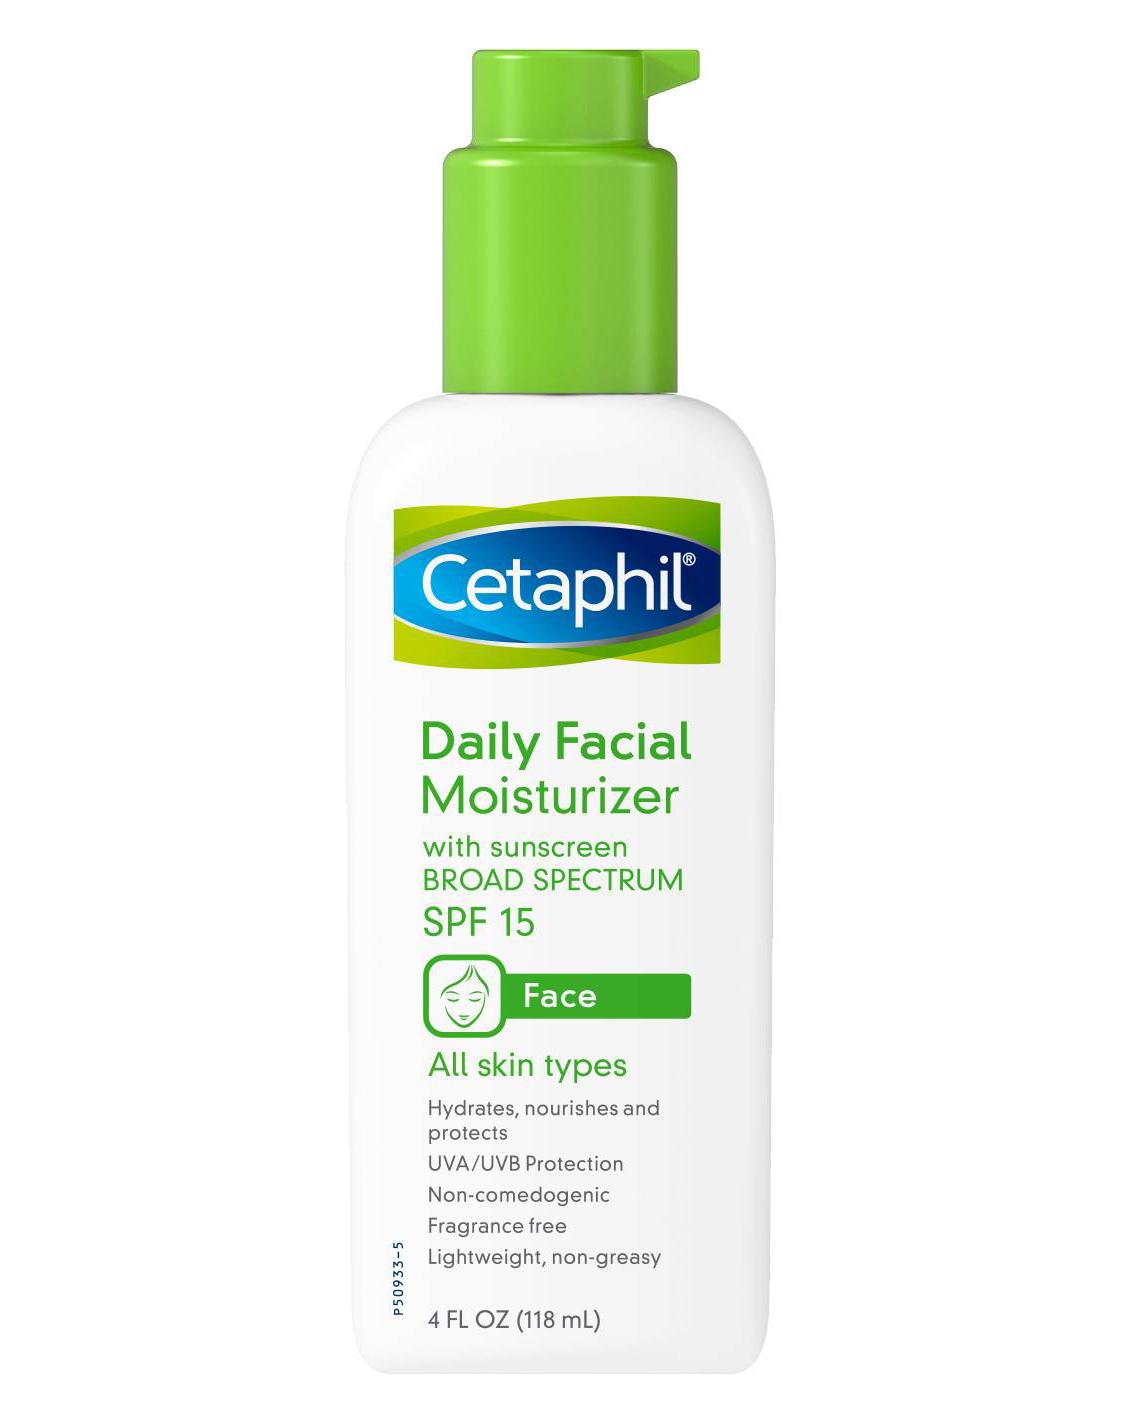 CetaphilDaily Facial Moisturizer - $12